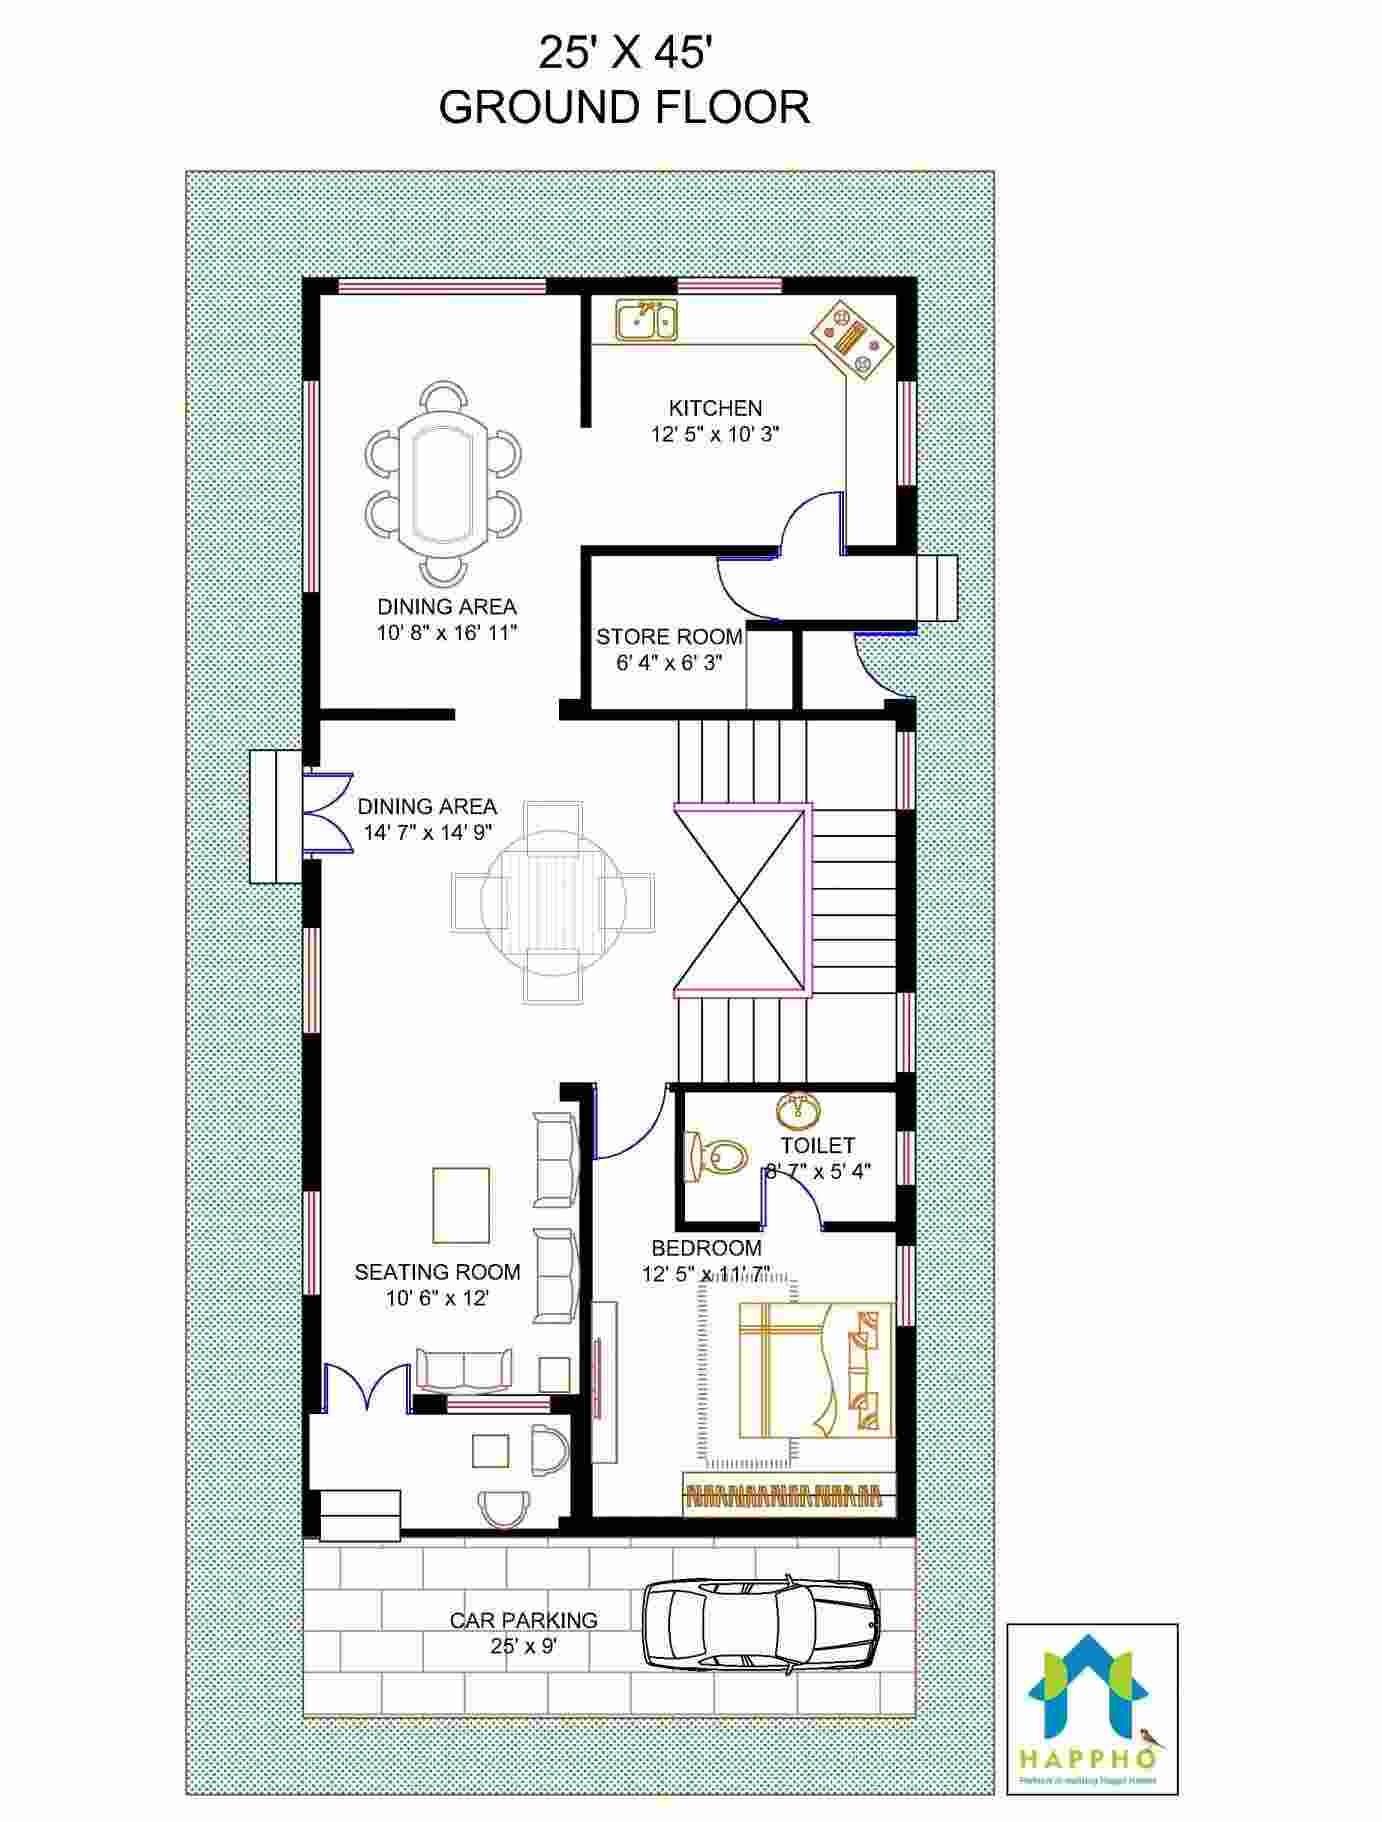 1382x1822 kitchen cabinets home kitchen plan kitchen utensils sketch virtual